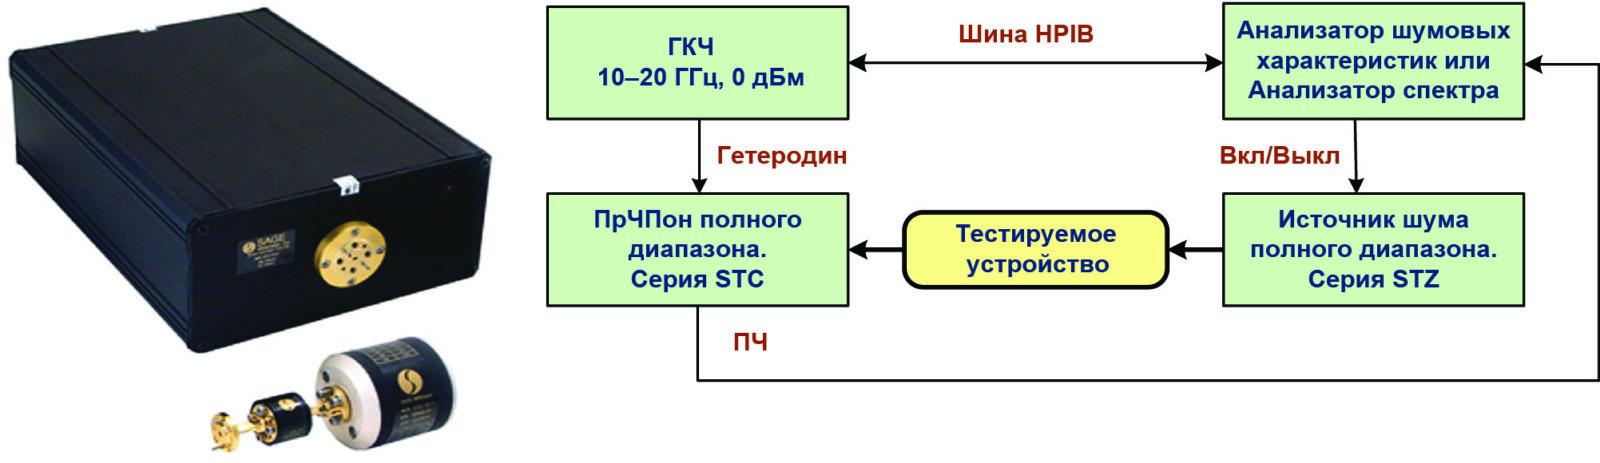 Расширители компании SAGE Millimeter и схема их сопряжения со стандартным испытательным оборудованием в системе измерения уровня шума и коэффициента усиления